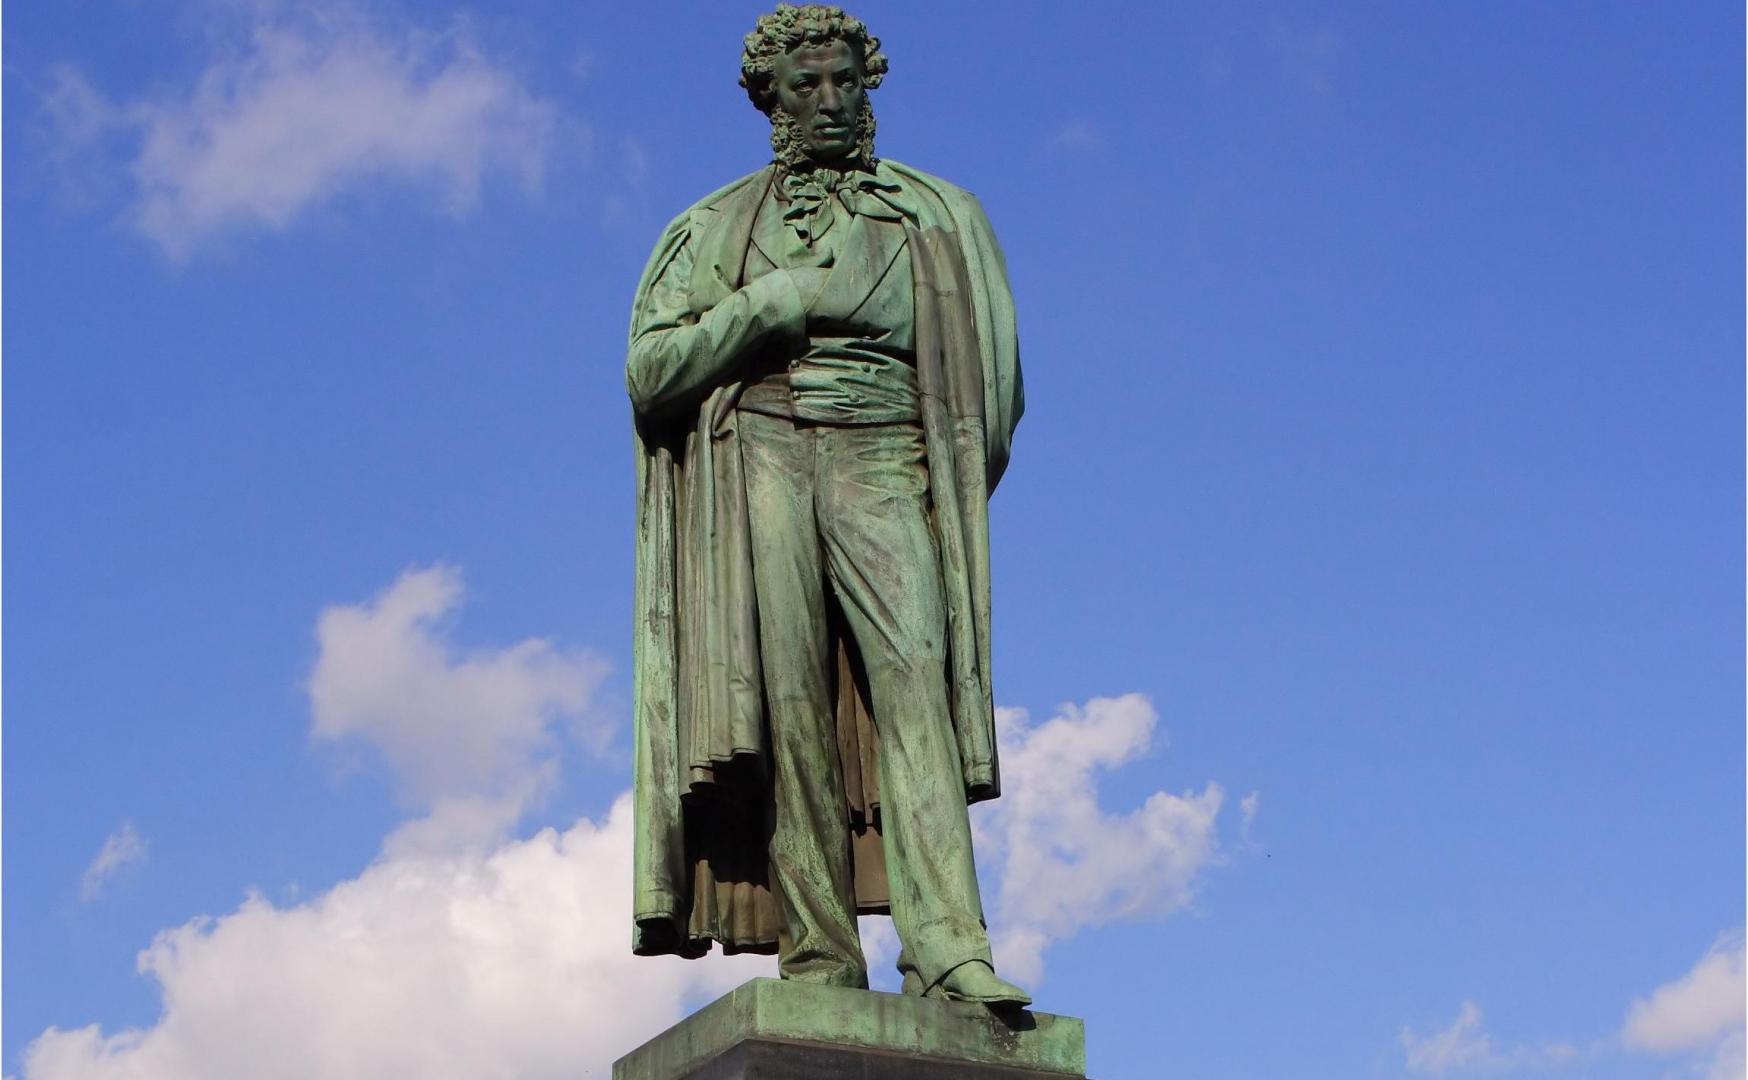 Памятник Пушкину в Москве отреставрируют ко Дню города - ИА REGNUM